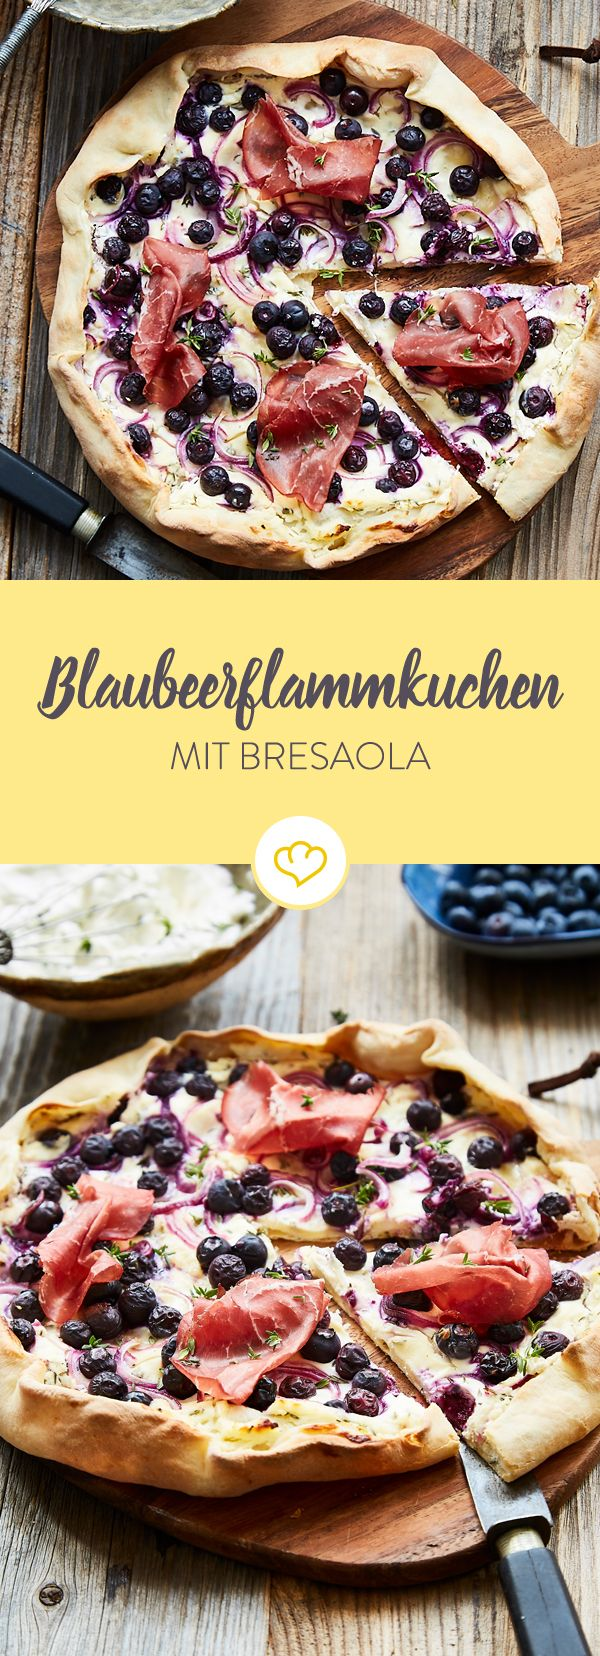 Süßer Apfelflammkuchen ist gut, Blaubeerflammkuchen noch besser. Woran das liegt? Ganz klar - an der Kombination mit Zwiebel und ein paar Scheiben Bresaola.